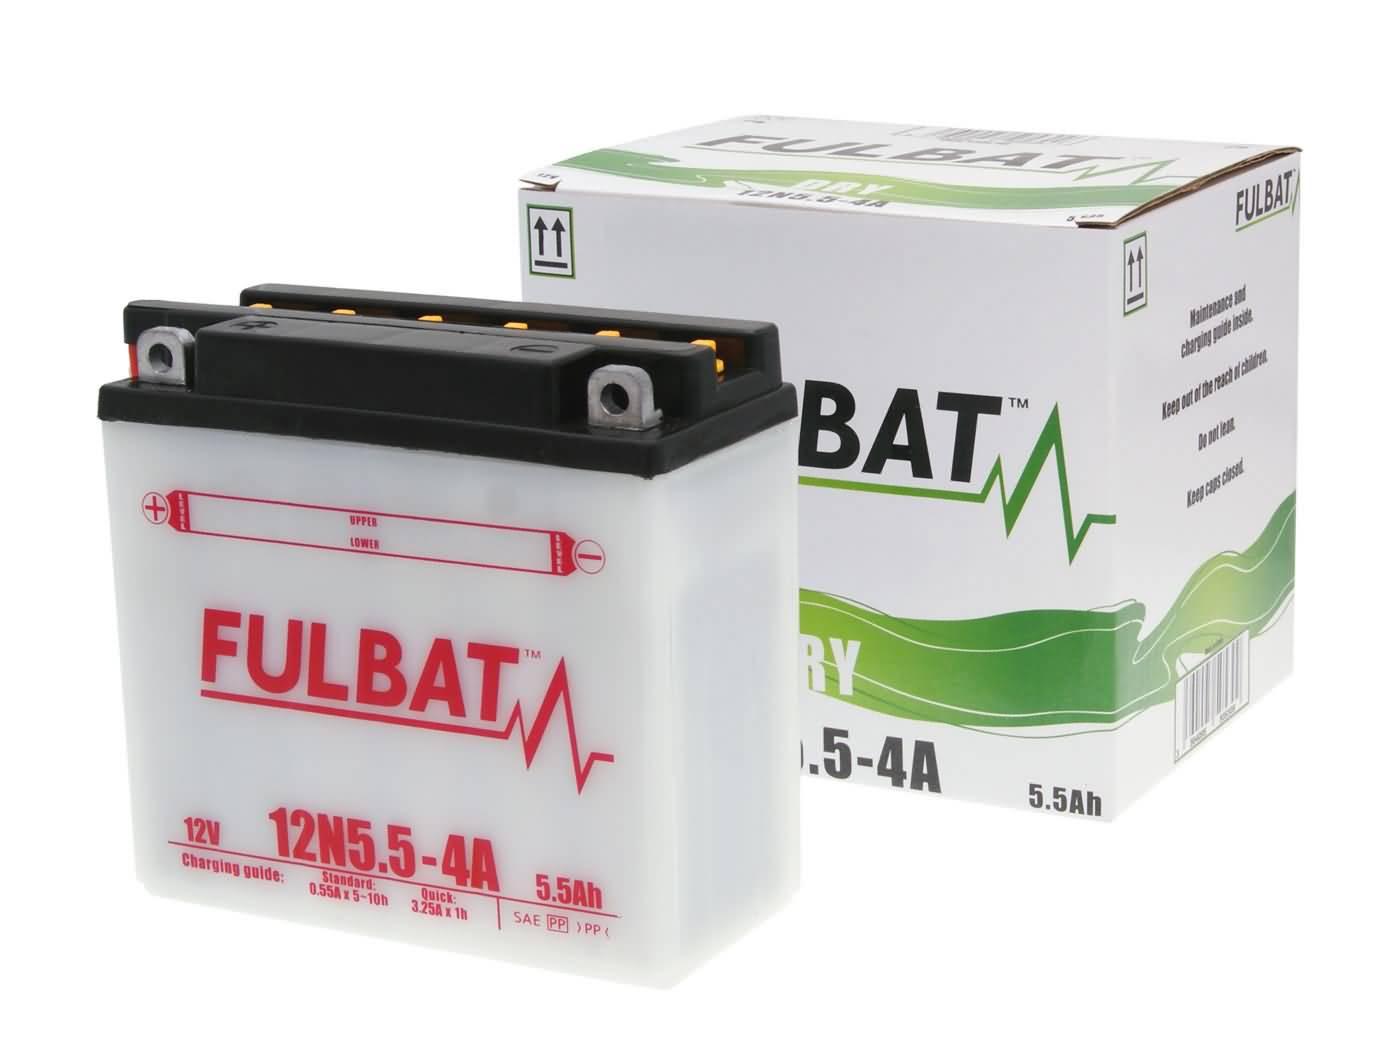 Fulbat 12N5.5-4A DRY száraz akkumulátor + savcsomag